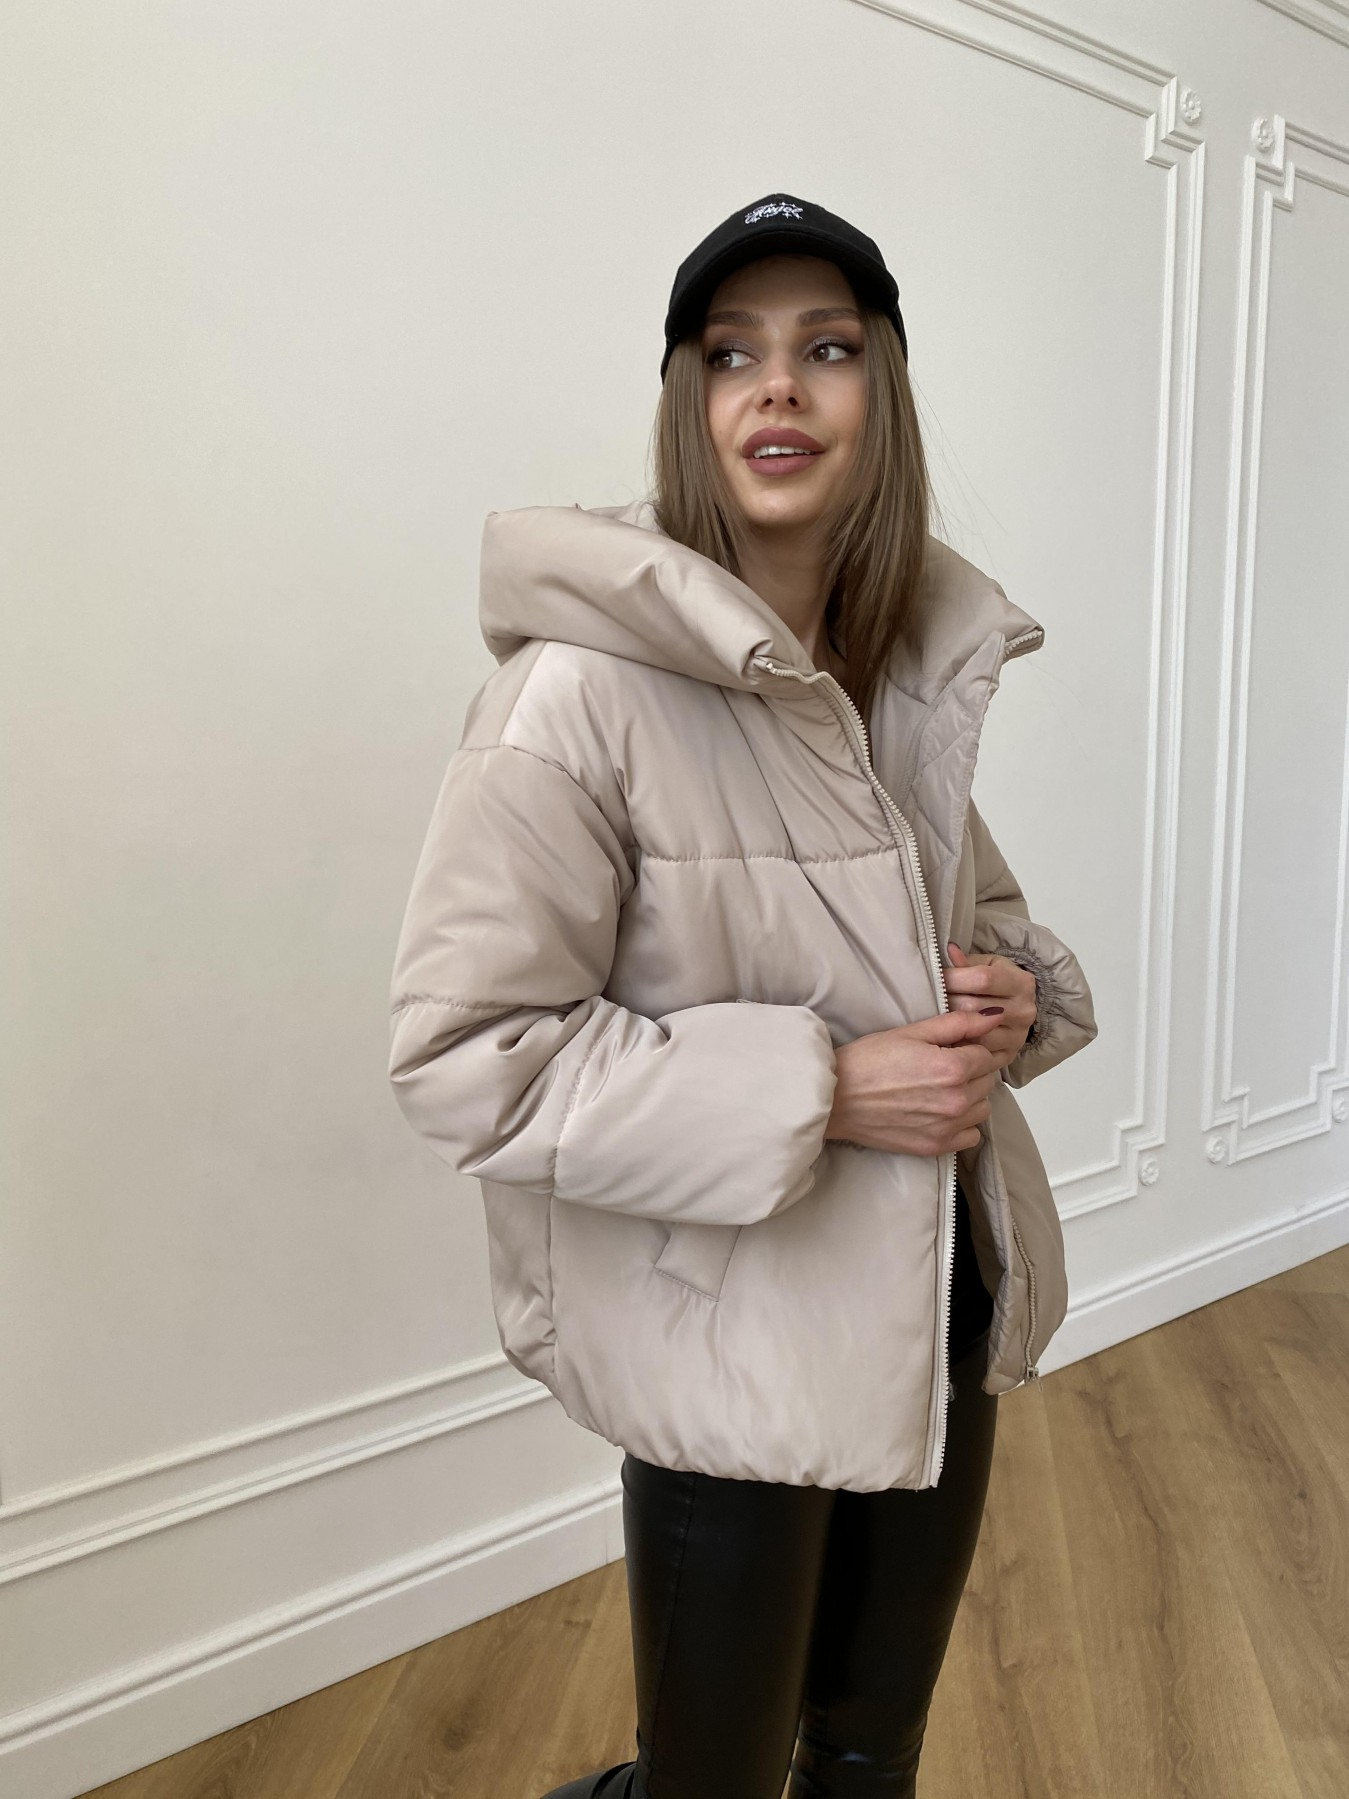 Нокс куртка из плащевой ткани 10535 АРТ. 47482 Цвет: Бежевый - фото 8, интернет магазин tm-modus.ru